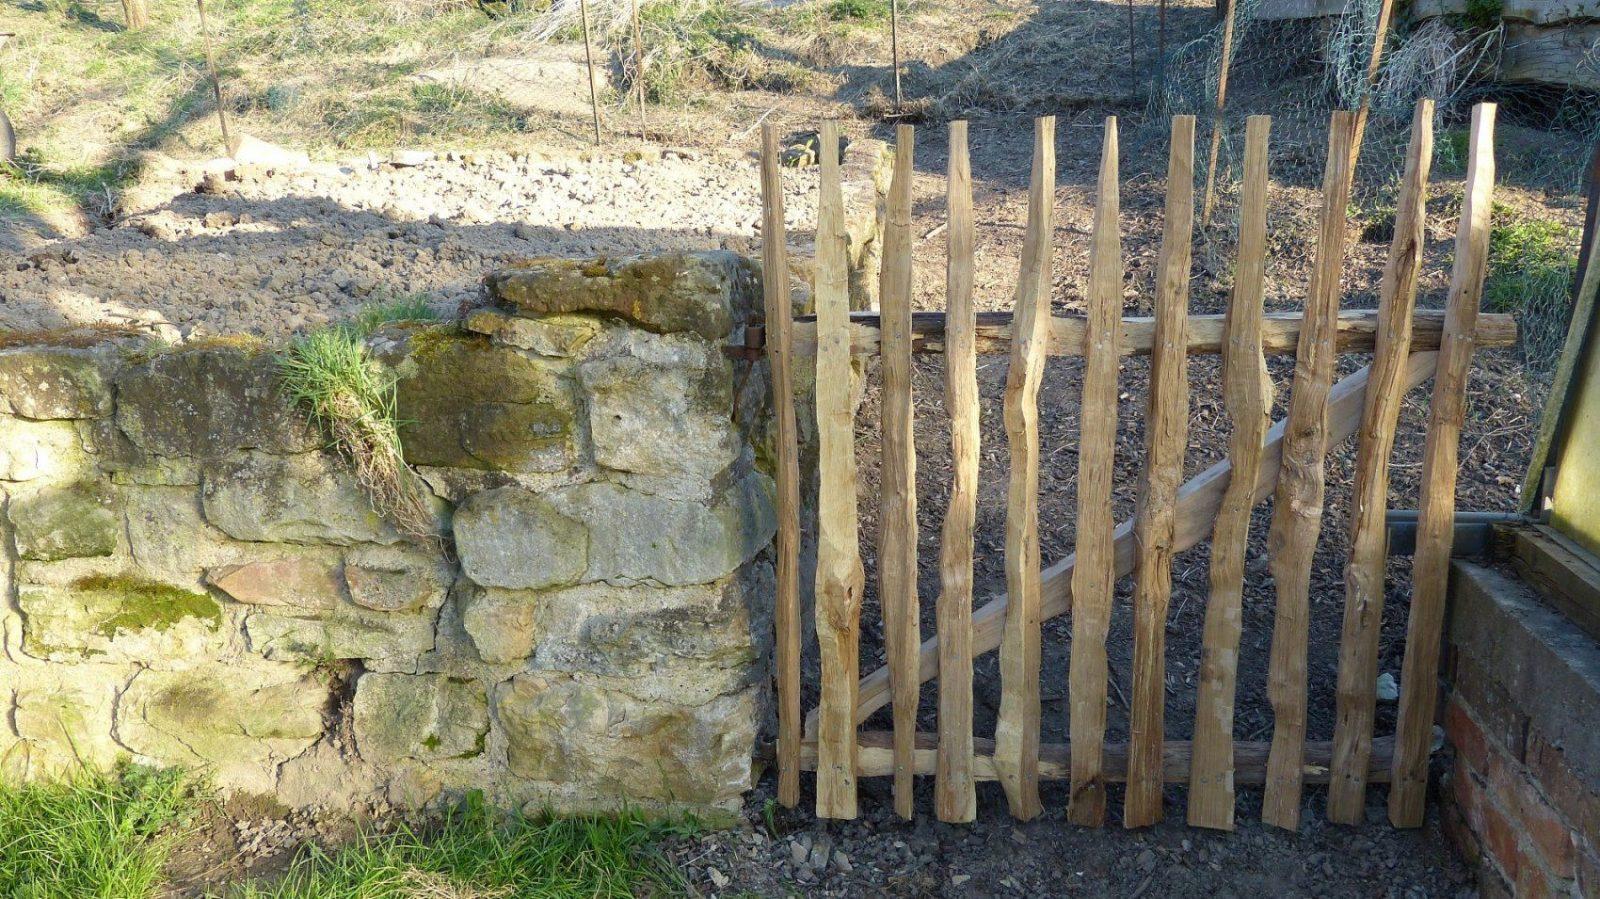 Gartengestaltung Gartentor Naturzaun  Holzzaun Selber Bauen  Youtube von Staketenzaun Tor Selber Bauen Photo